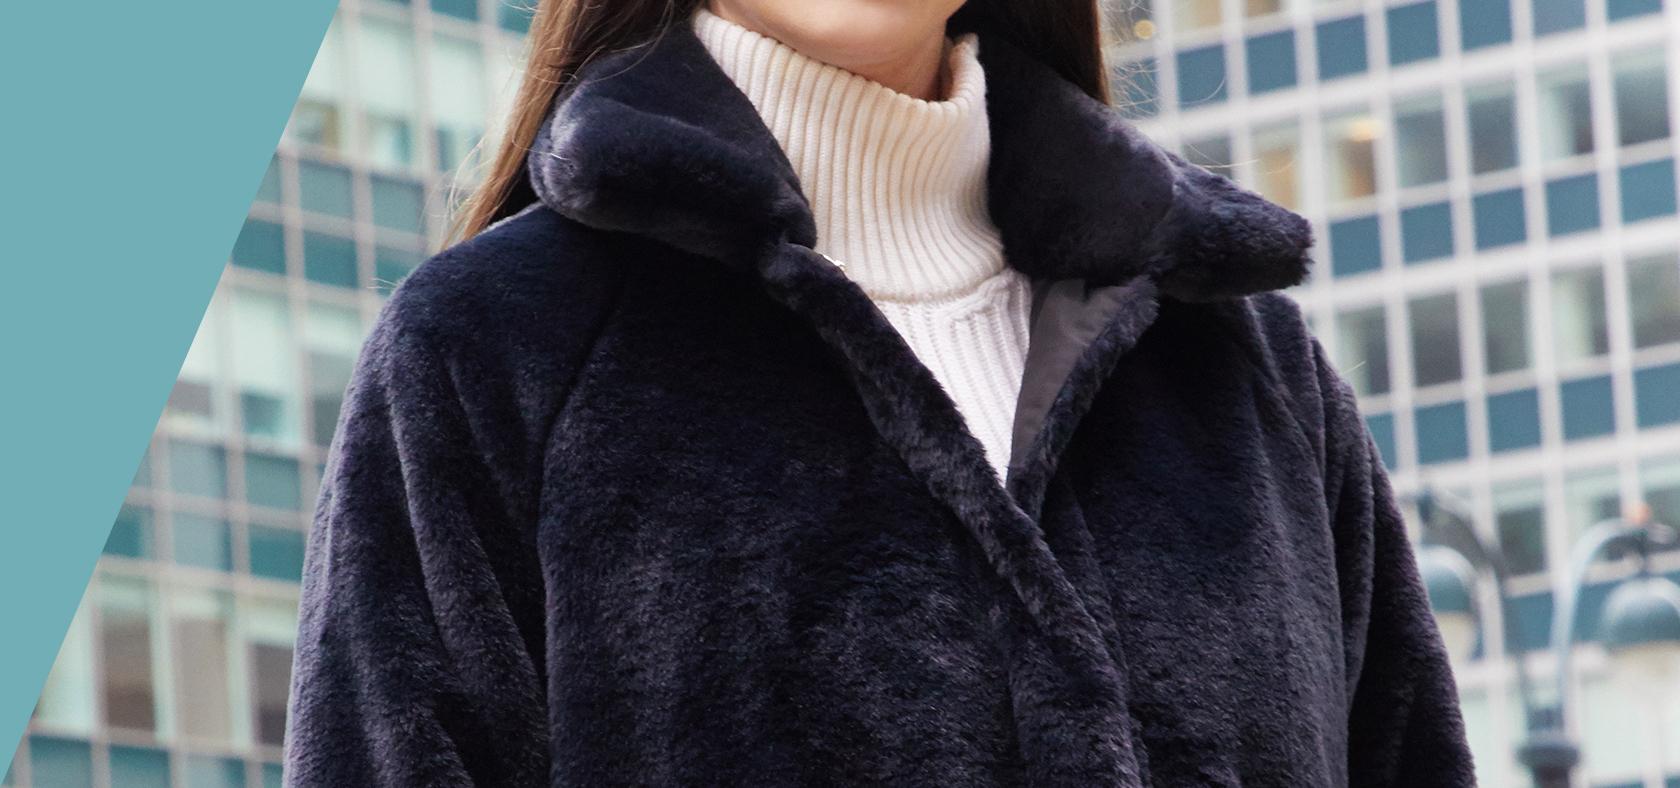 wholesale dealer 3f2e8 3c775 Cappotti da Donna, Cappotti Lunghi e Corti, Eleganti   Geox